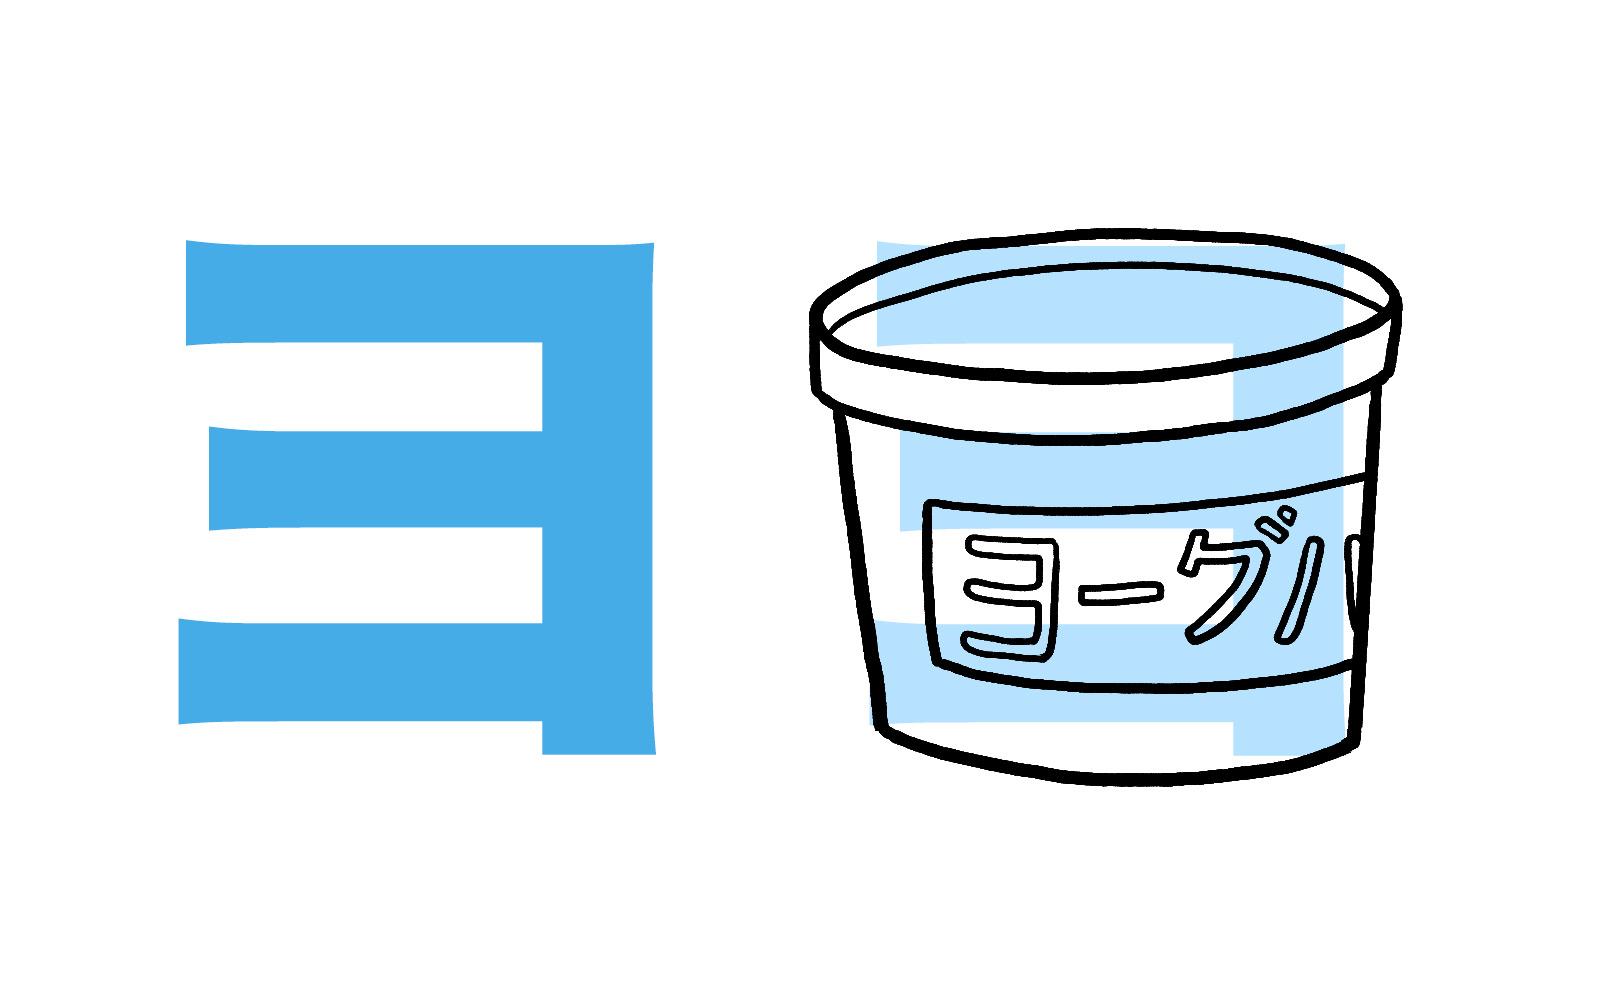 Katakana character ヨ mnemonic